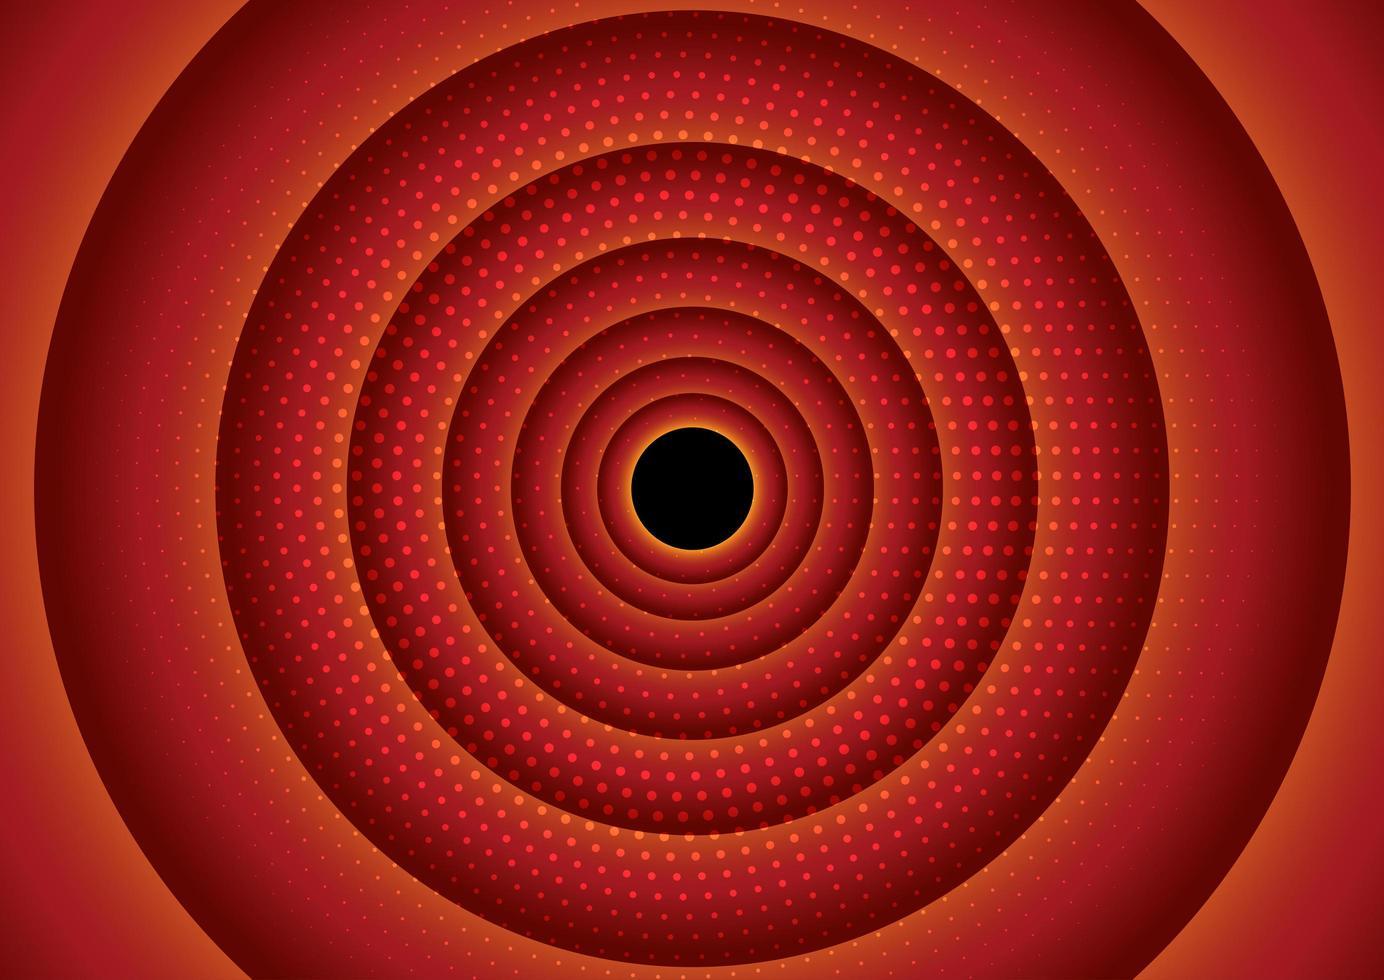 diseño circular de semitono rojo vector